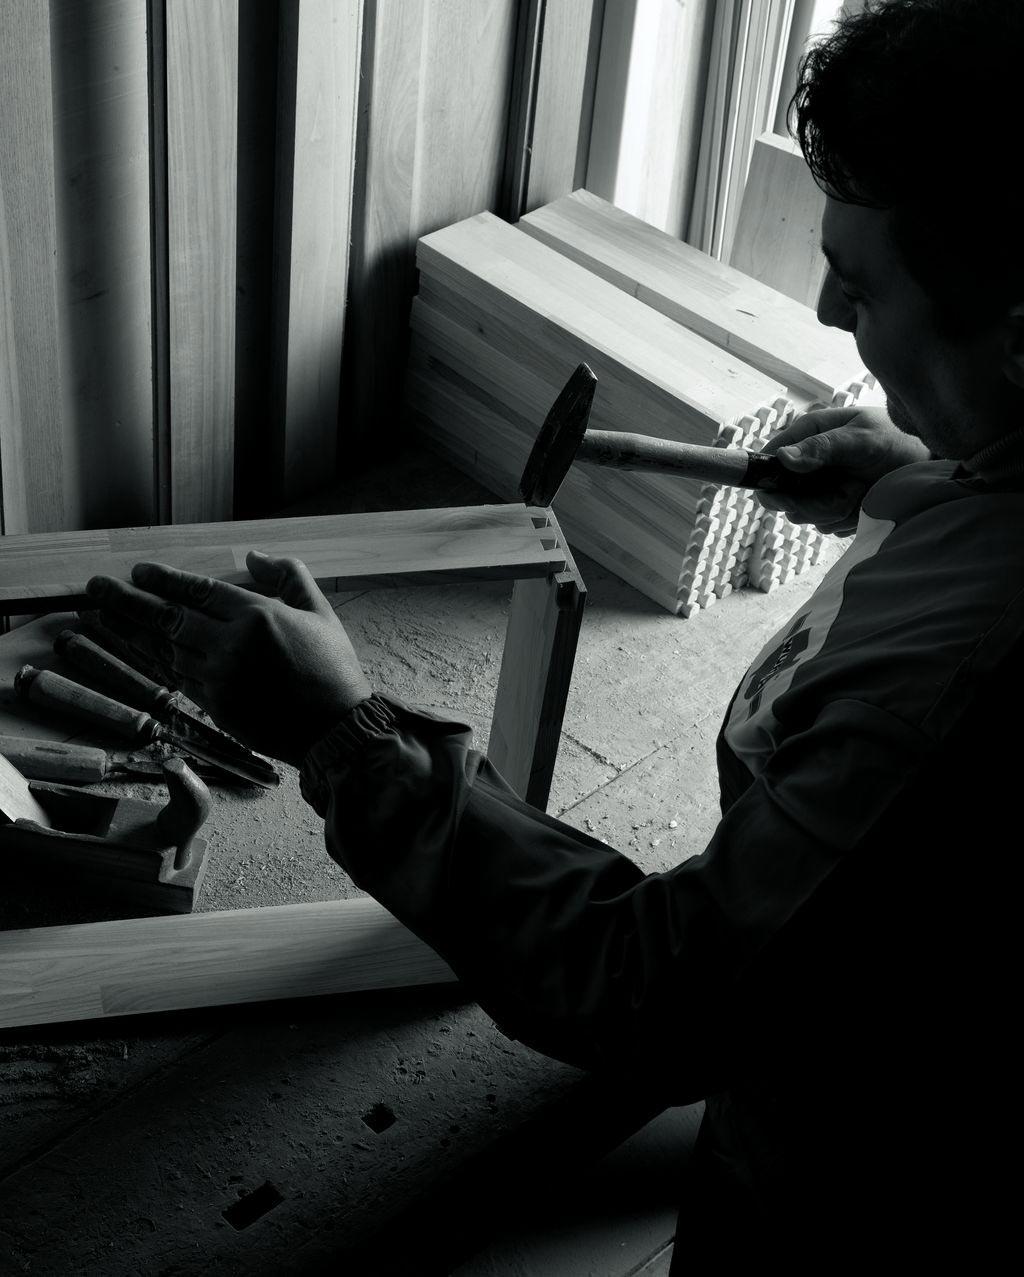 Falegnameria sassi arredamenti per mobili su misura for Sassi arredamenti